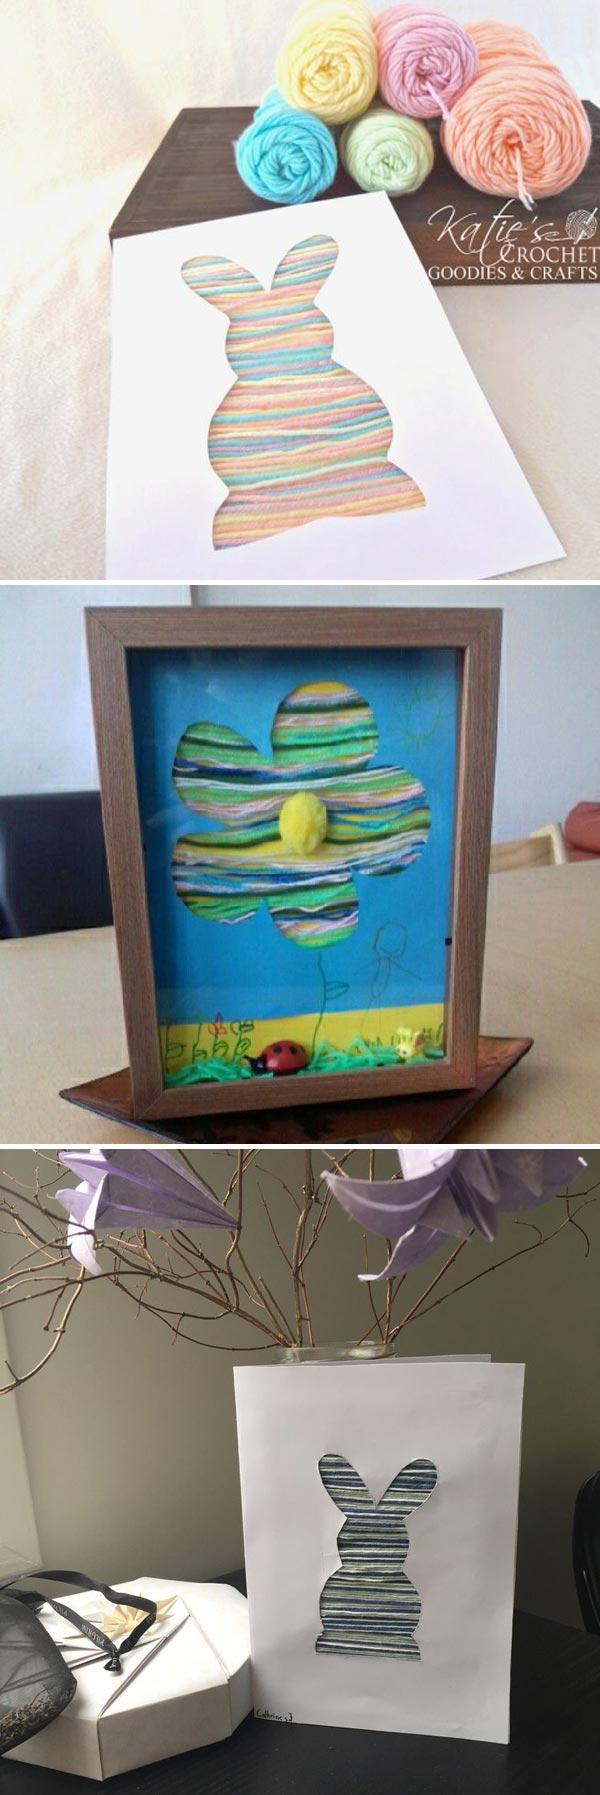 bunny or flower silhouette yarn craft